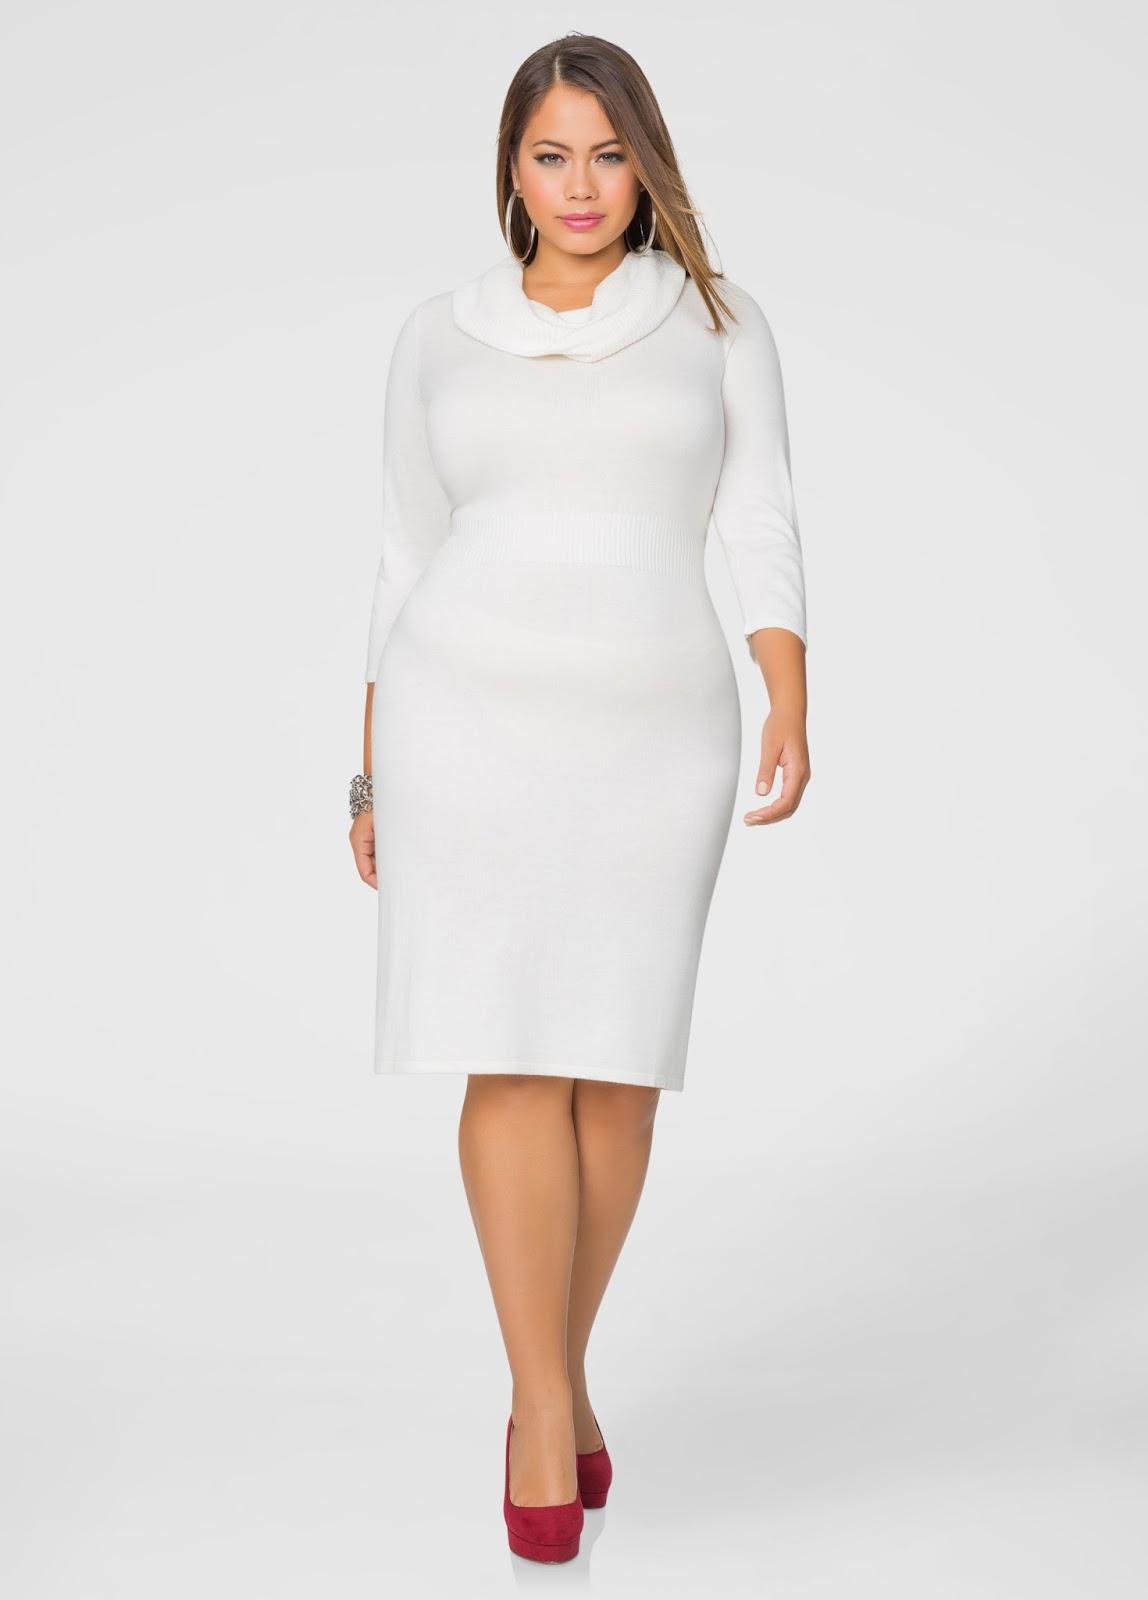 Vestidos Blancos Gorditas Vestidos Baratos